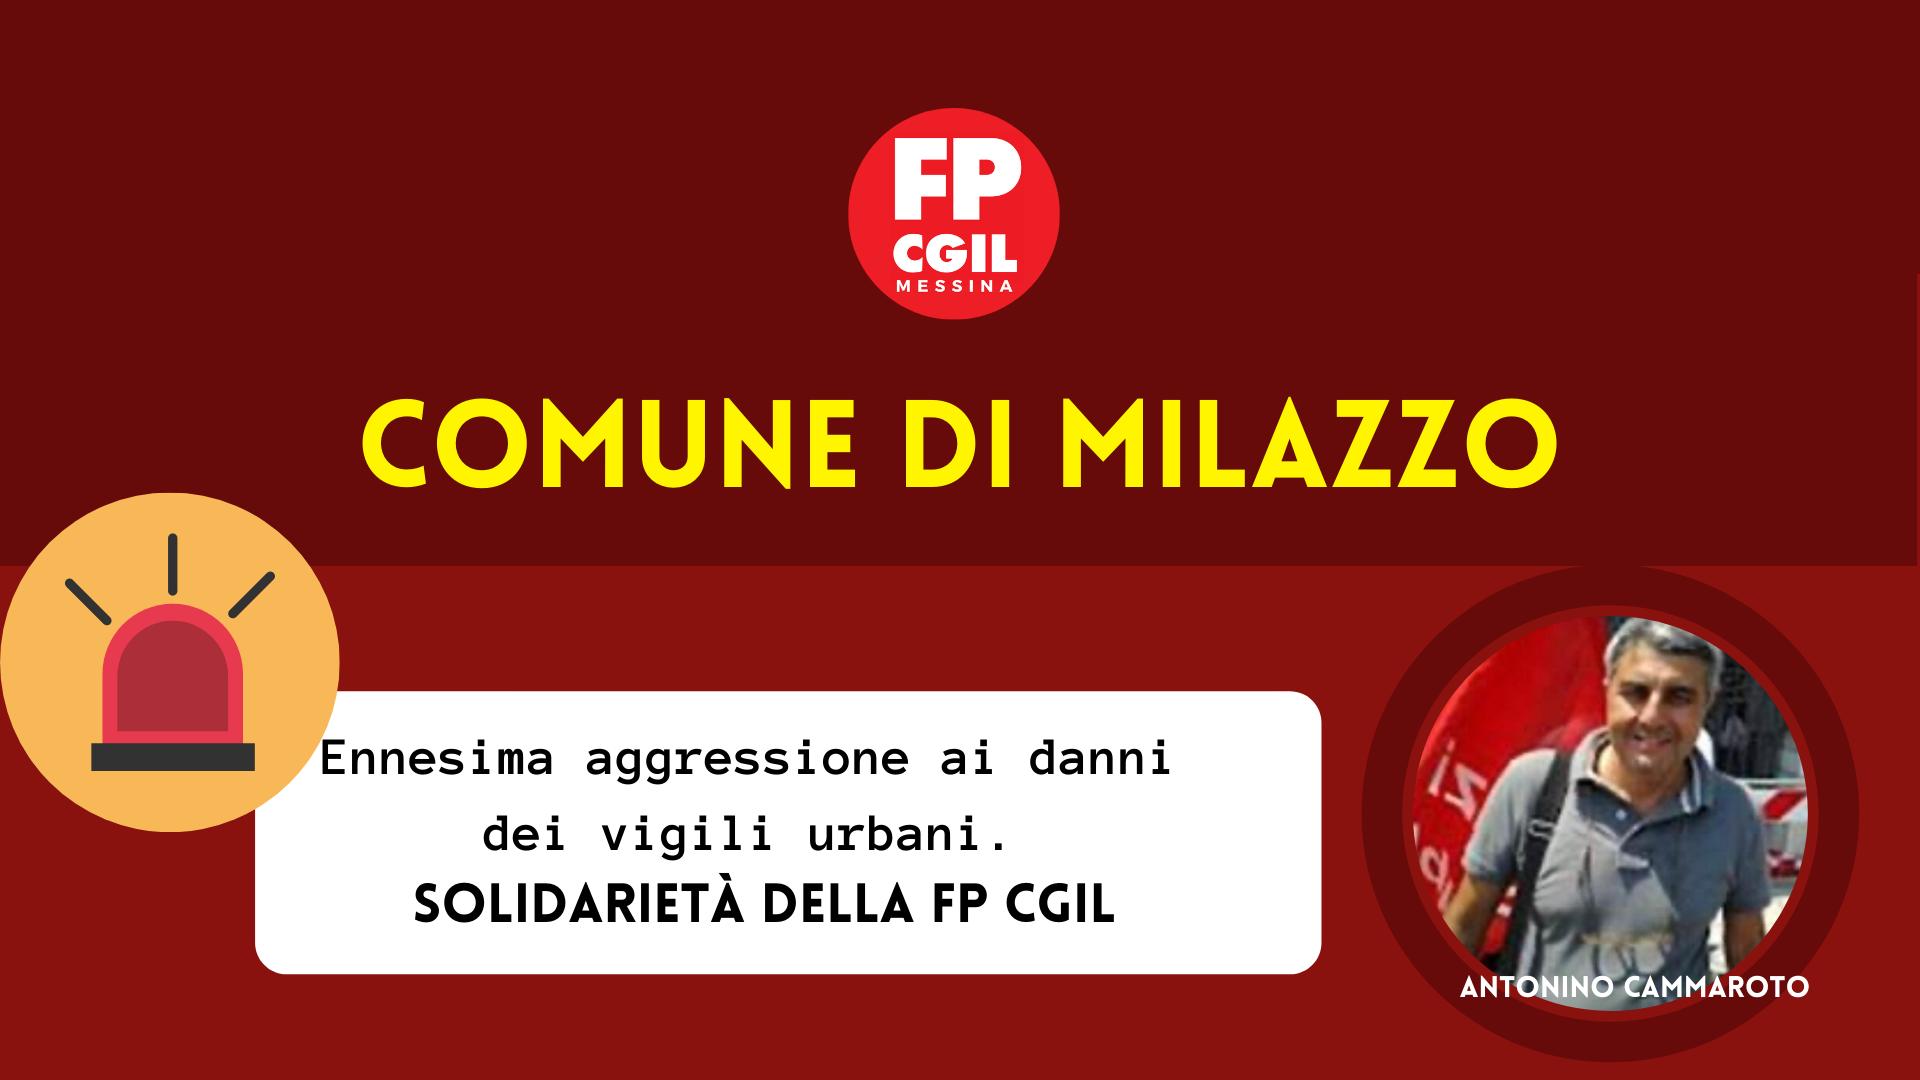 Comune di Milazzo, ennesima aggressione ai danni dei vigili urbani. Solidarietà della FP CGIL